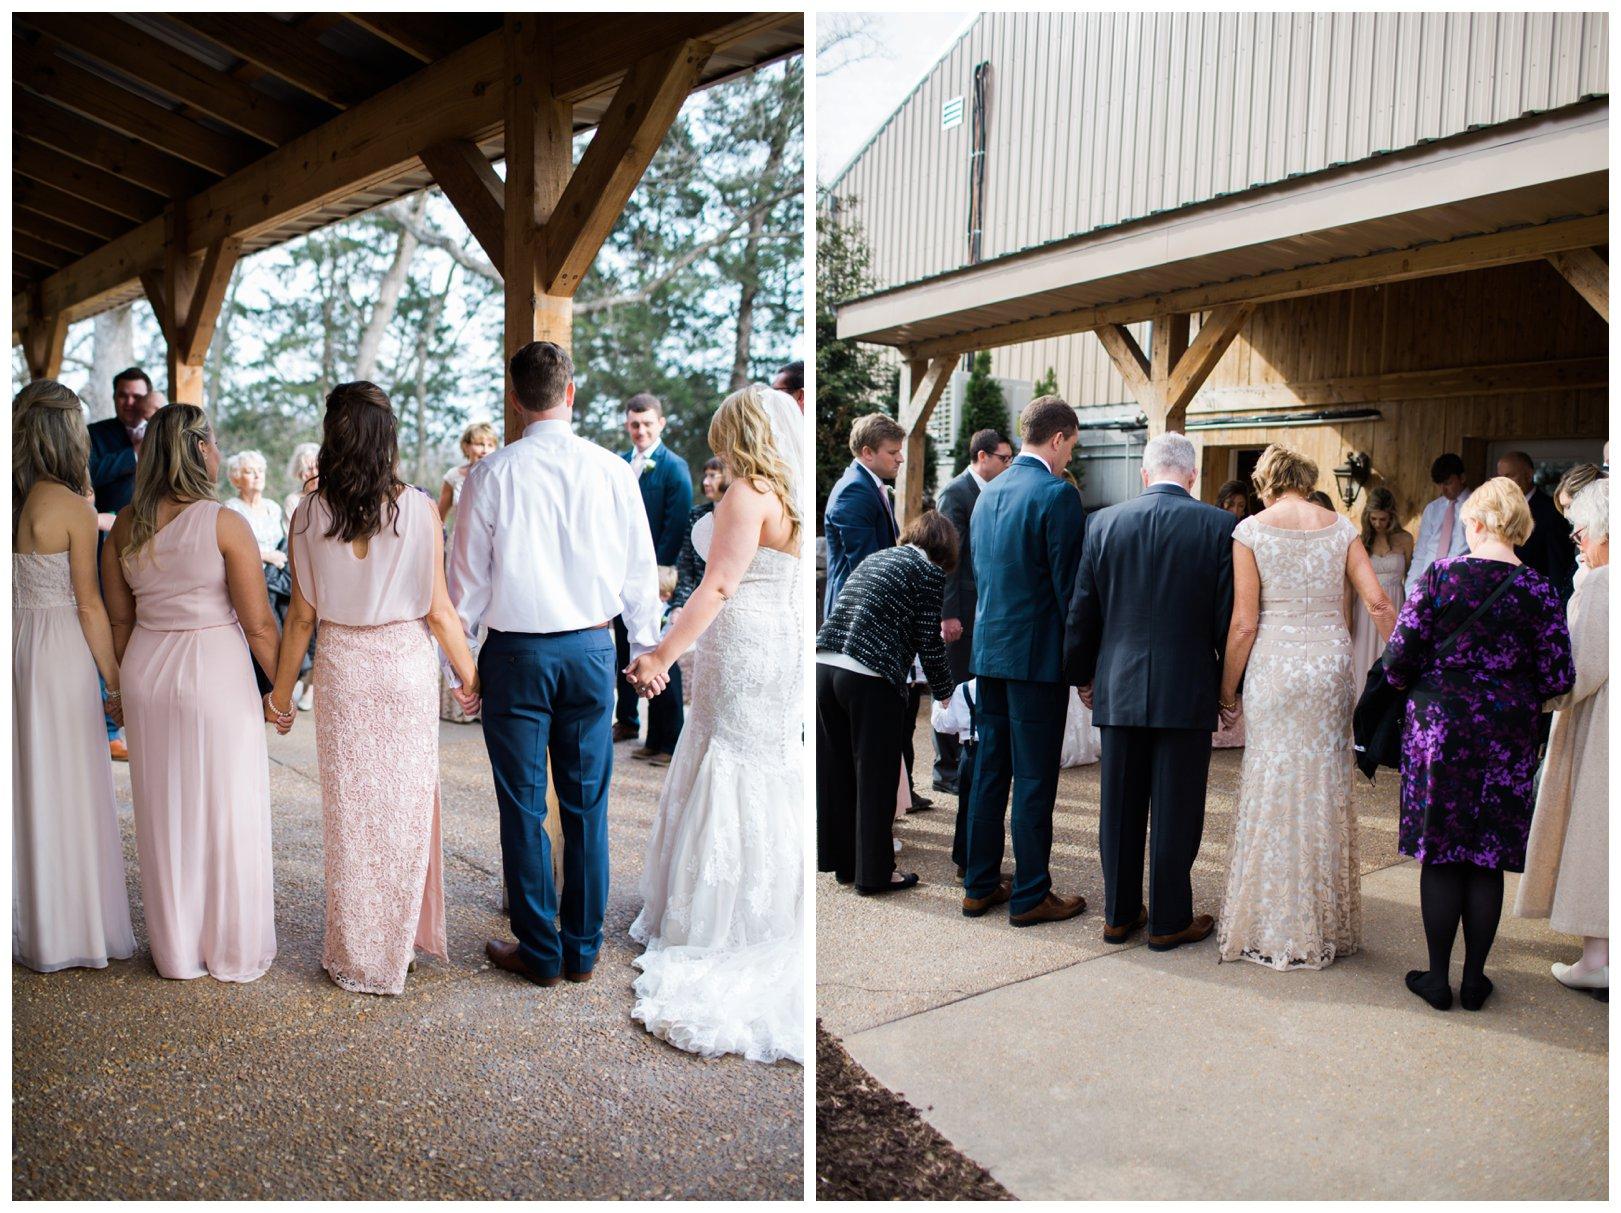 lauren muckler photography_fine art film wedding photography_st louis_photography_0979.jpg